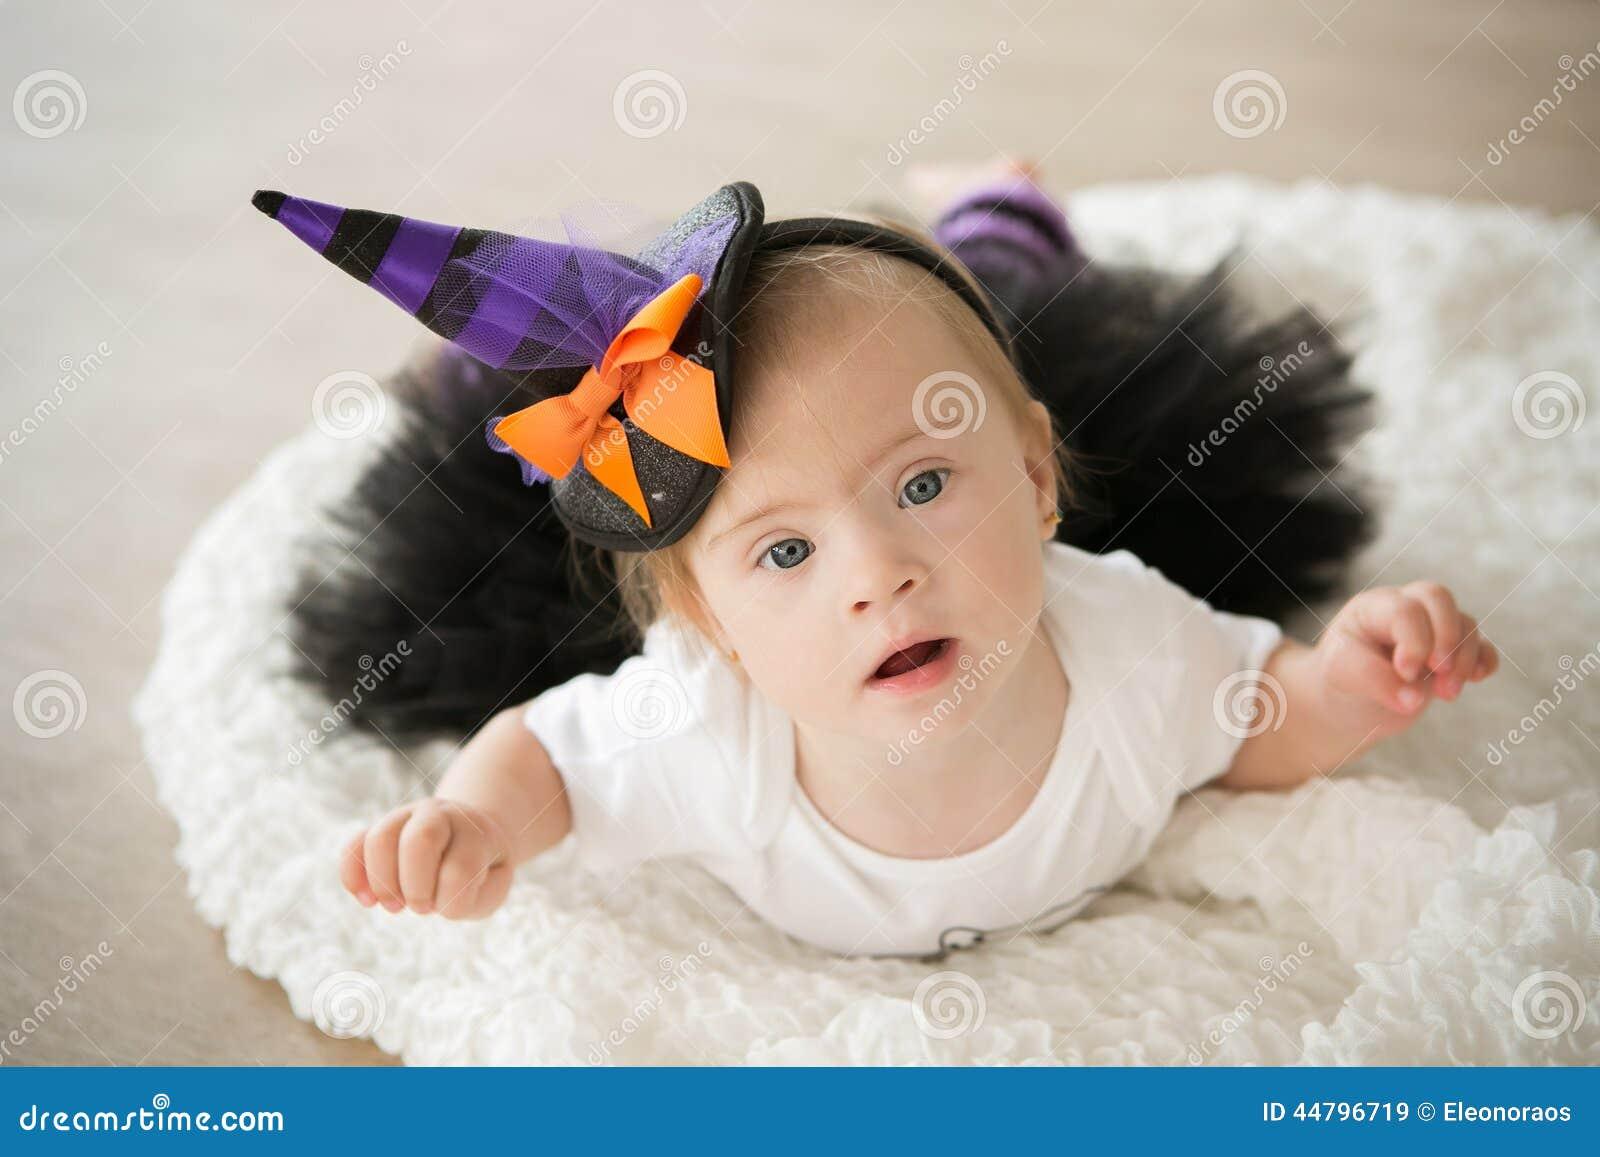 有唐氏综合症的美丽的小女孩在衣服一个小巫婆.图片